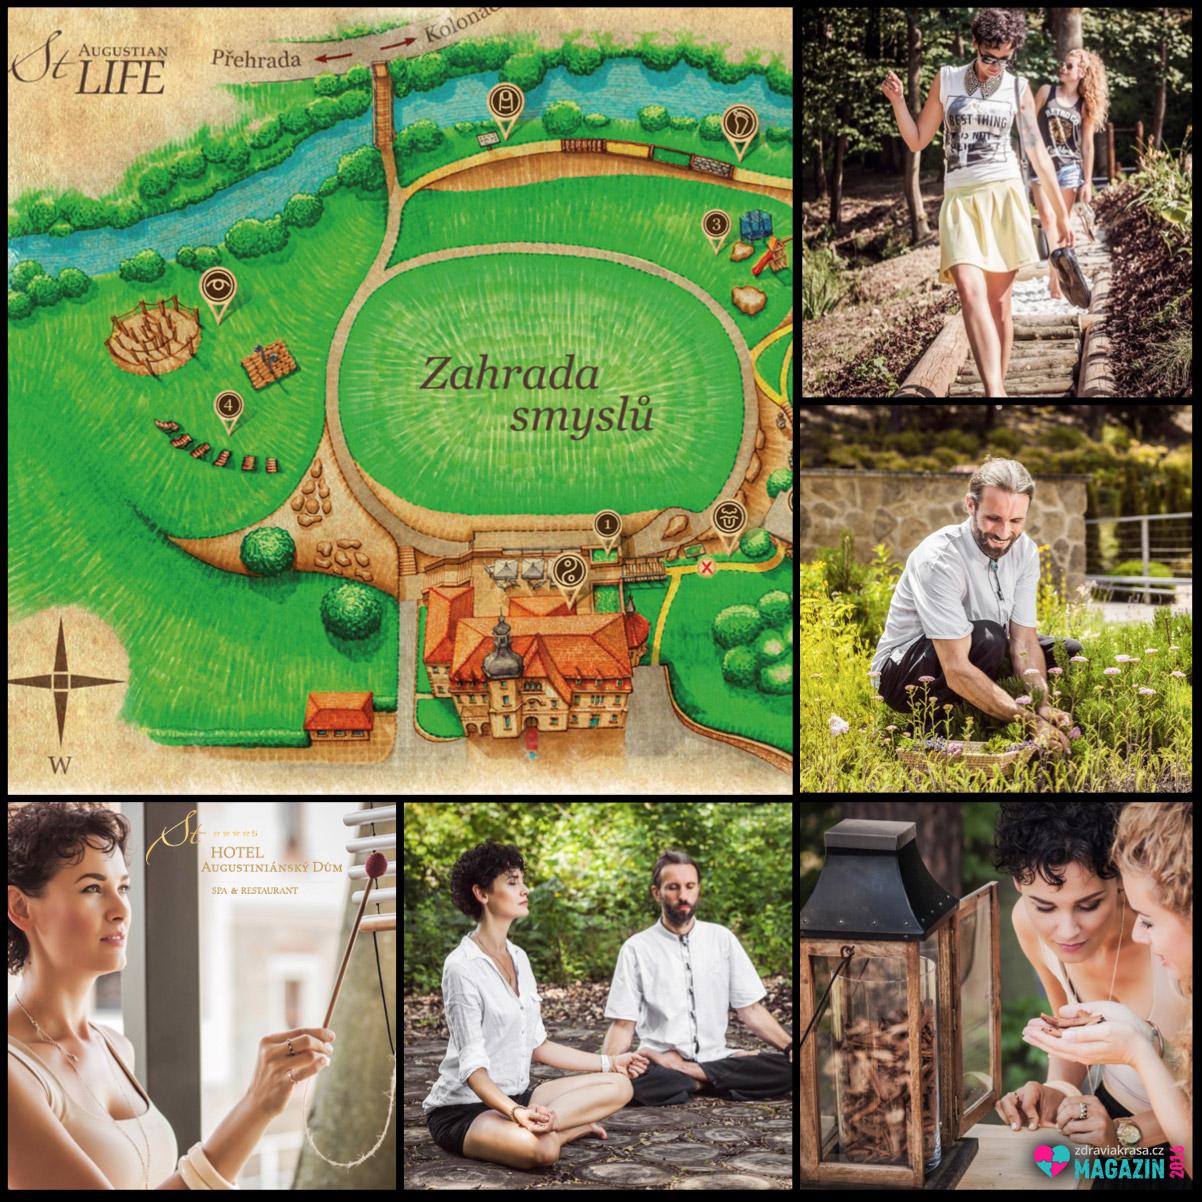 Restartujte své smysly v Zahradě 6 smyslů Wellness&spa hotelu Augustiniánský dům v Luhačovicích.